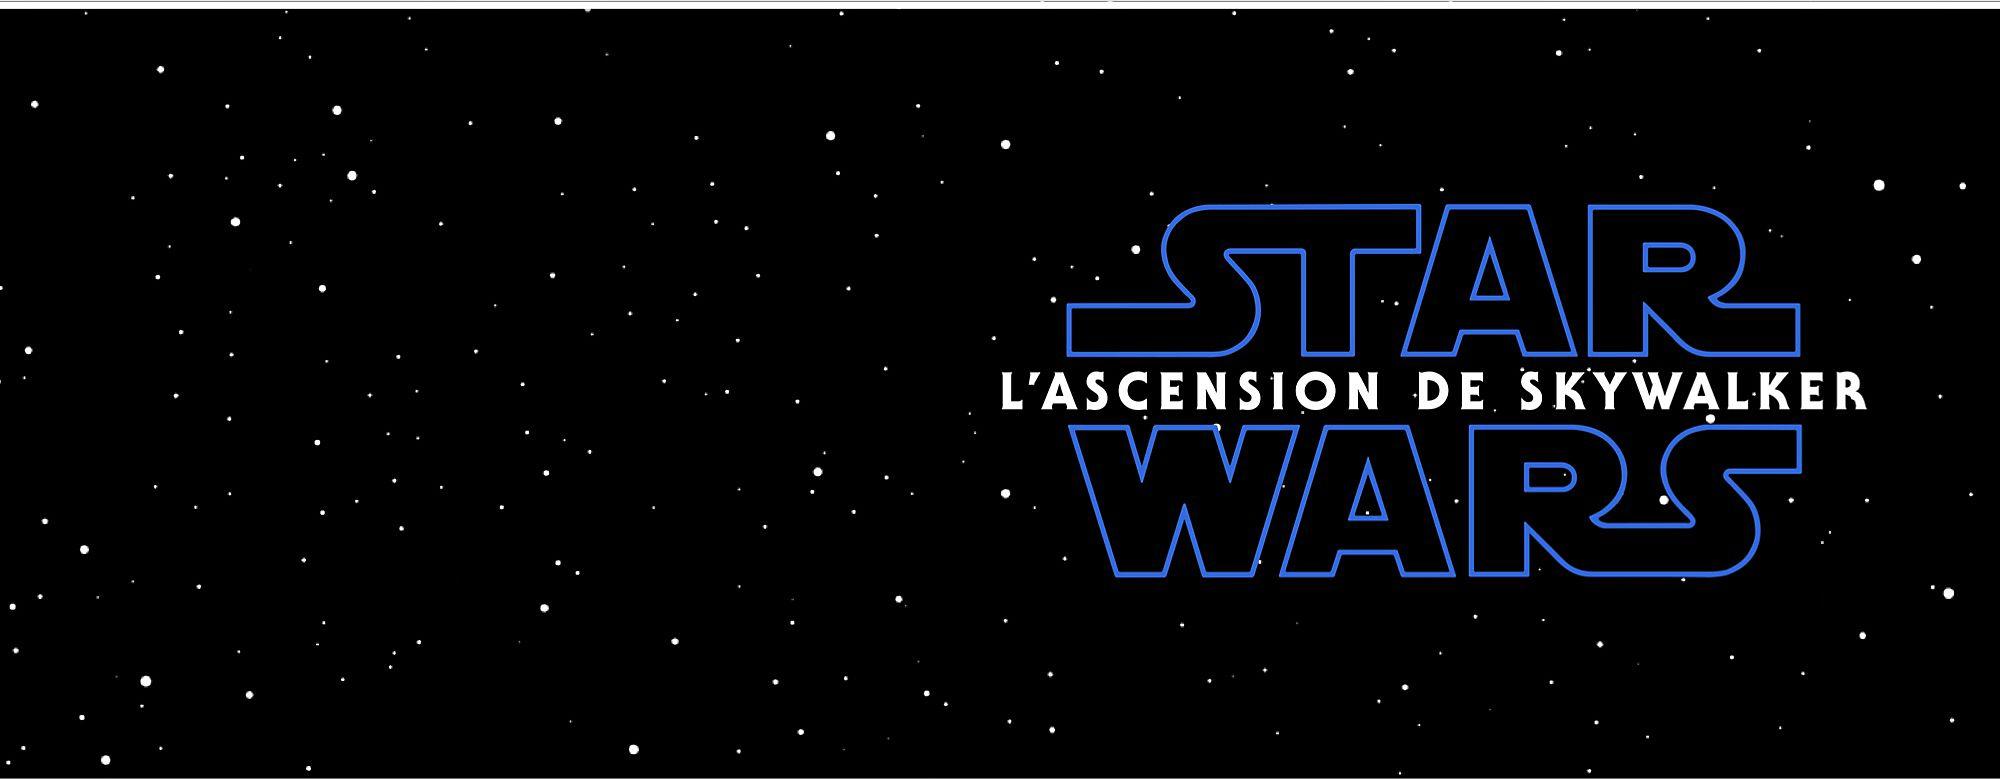 Star Wars: L'ascension de Skywalker Les survivants de la Résistance affrontent encore une fois le Premier Ordre dans le chapitre final de la saga Skywalker. Rejoignez la résistance et parcourez notre nouvelle collection à venir. Sortie en décembre 2019 VOIR LA COLLECTION